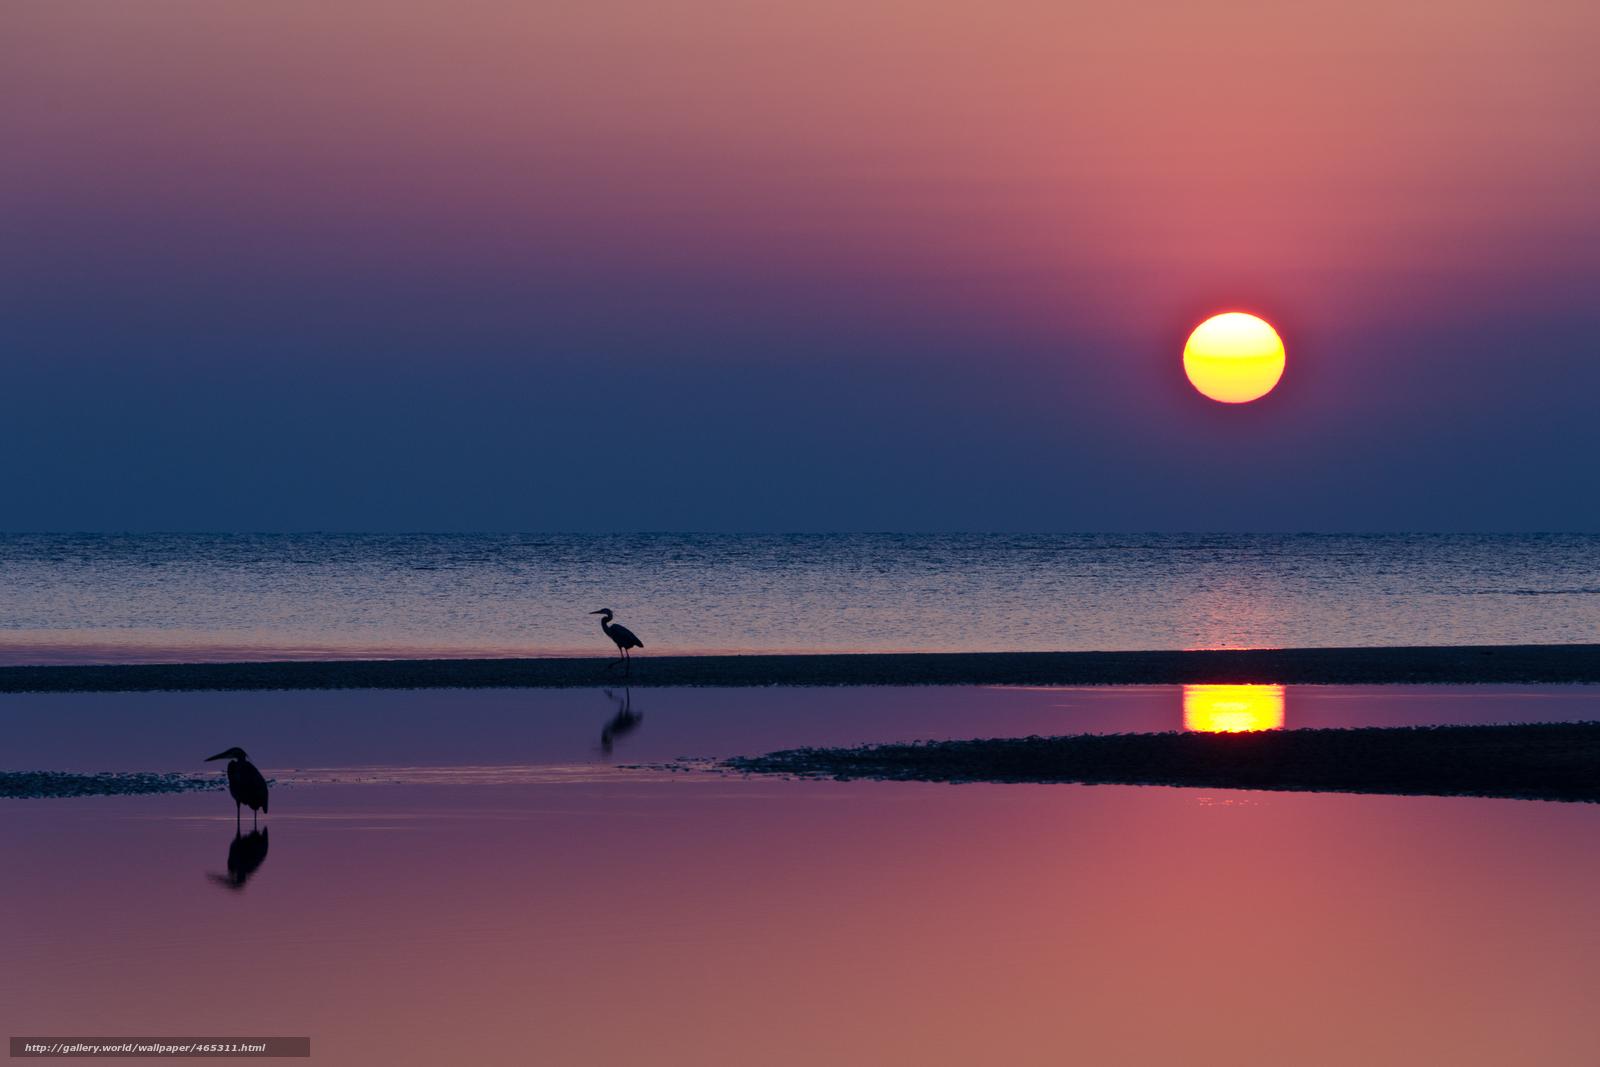 Скачать обои Вечер,  малиновый,  яркий,  закат бесплатно для рабочего стола в разрешении 4861x3241 — картинка №465311